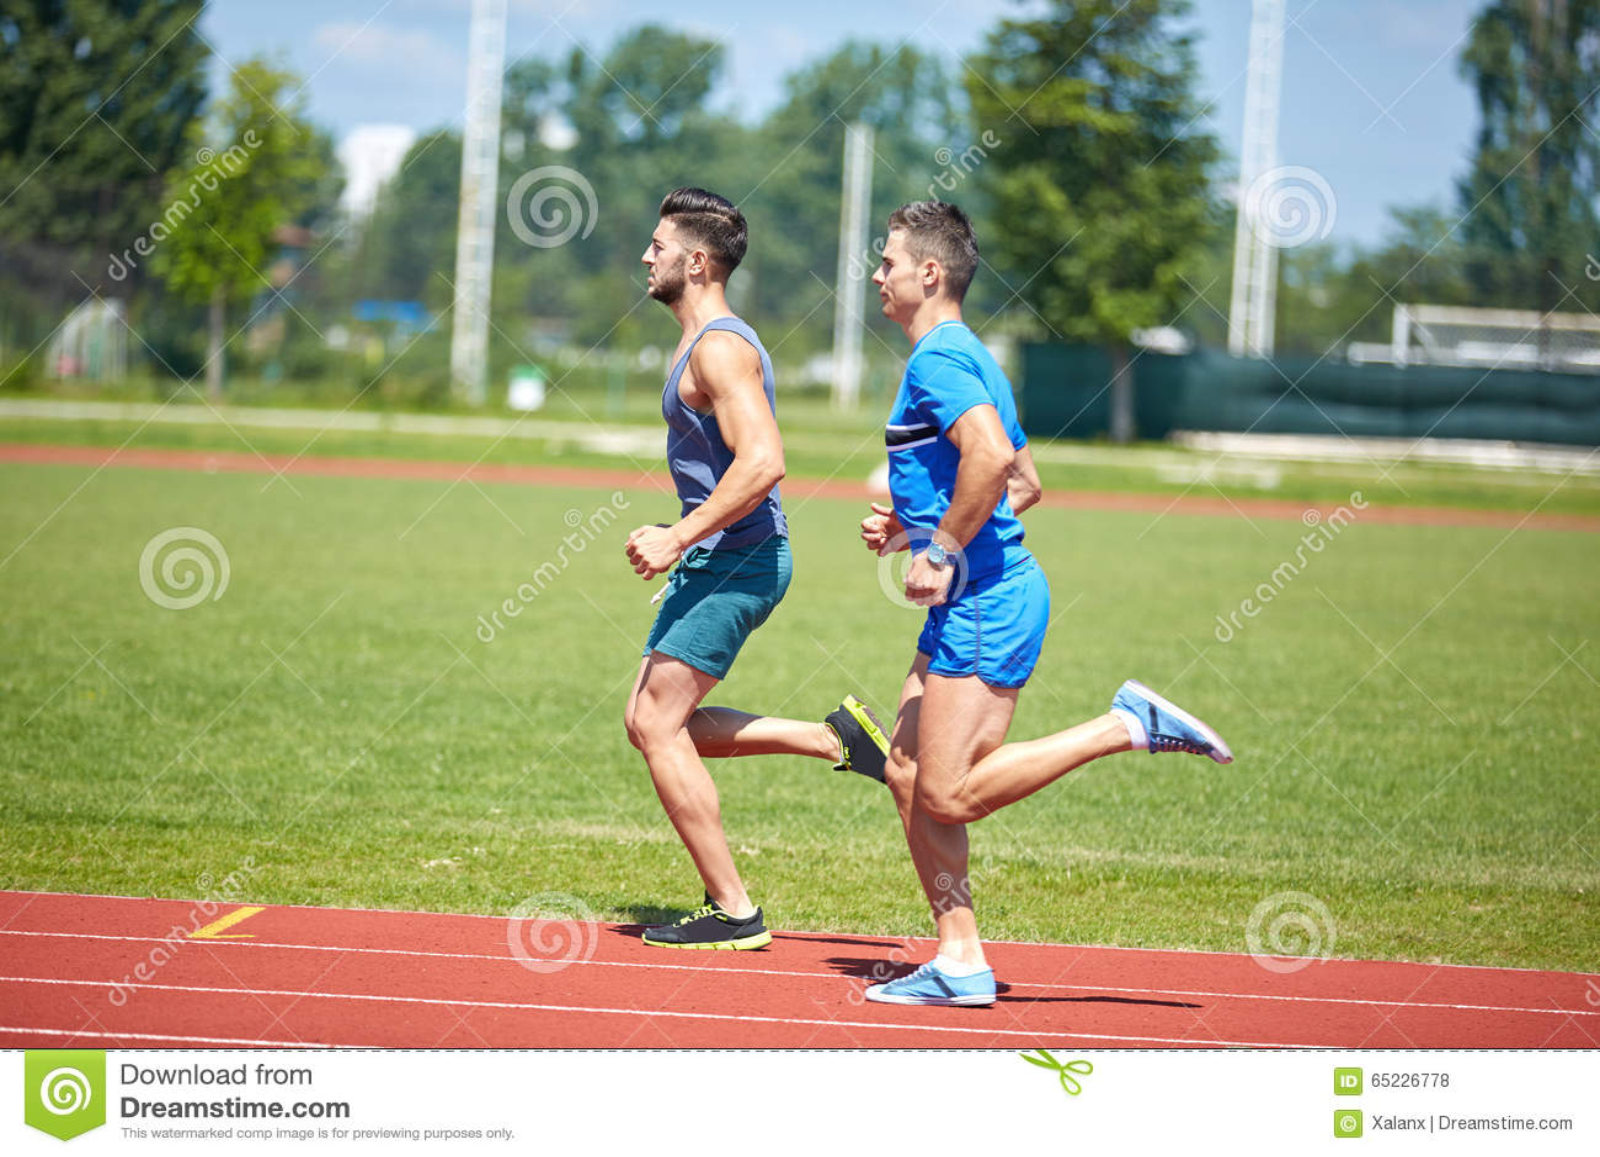 Läufer auf Bahn